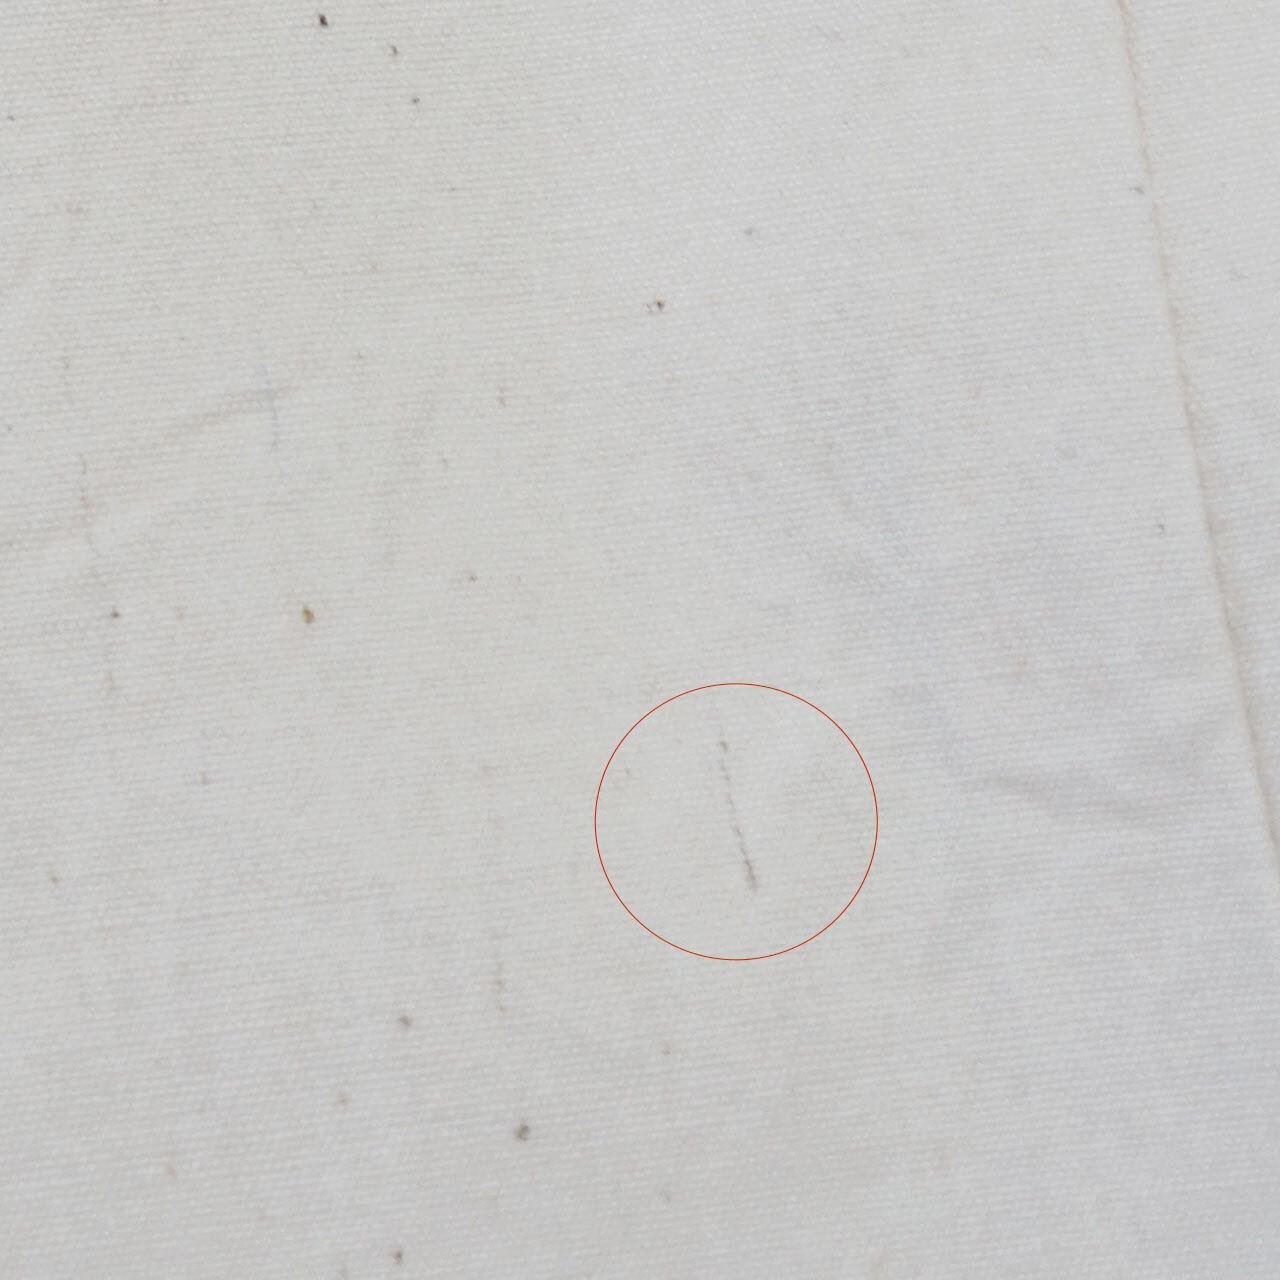 【再入荷なし】 【ワケあり商品】 STILL BY HAND スティルバイハンド ワンタックテーパードパンツ 【返品交換不可】 (品番pt0661)